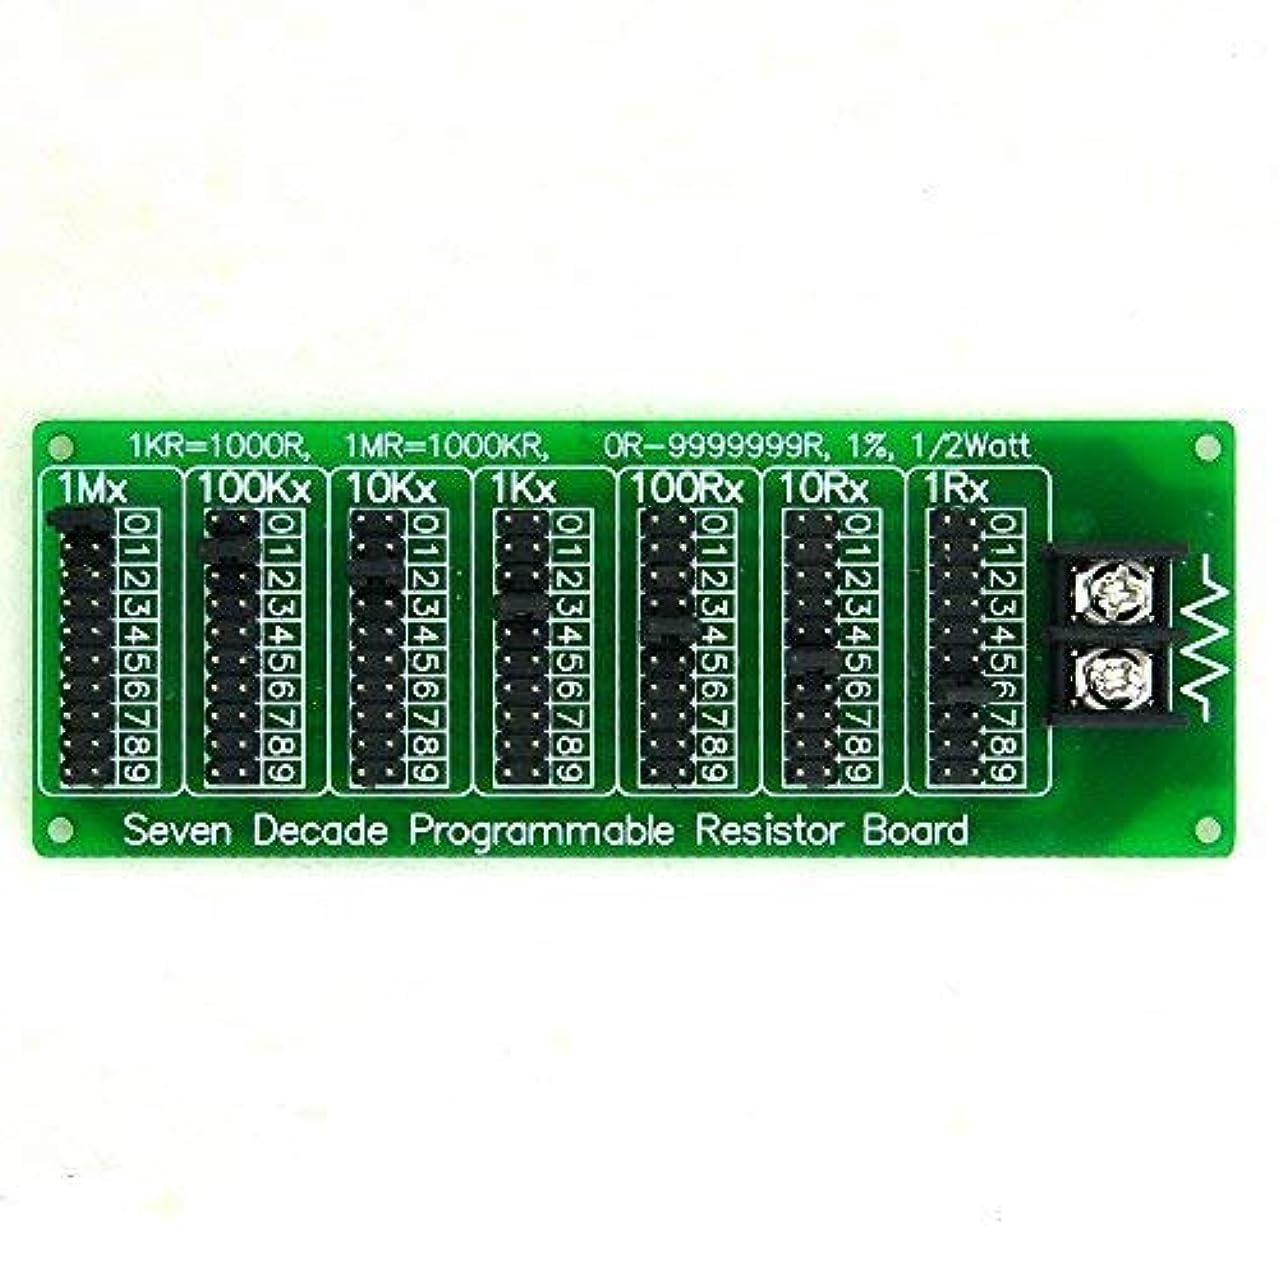 牧草地割り込みテスピアンElectronics-Salon 1R - 9999999r 7十年 プログラマブル抵抗基板 ステップ1R 1%1/2ワット